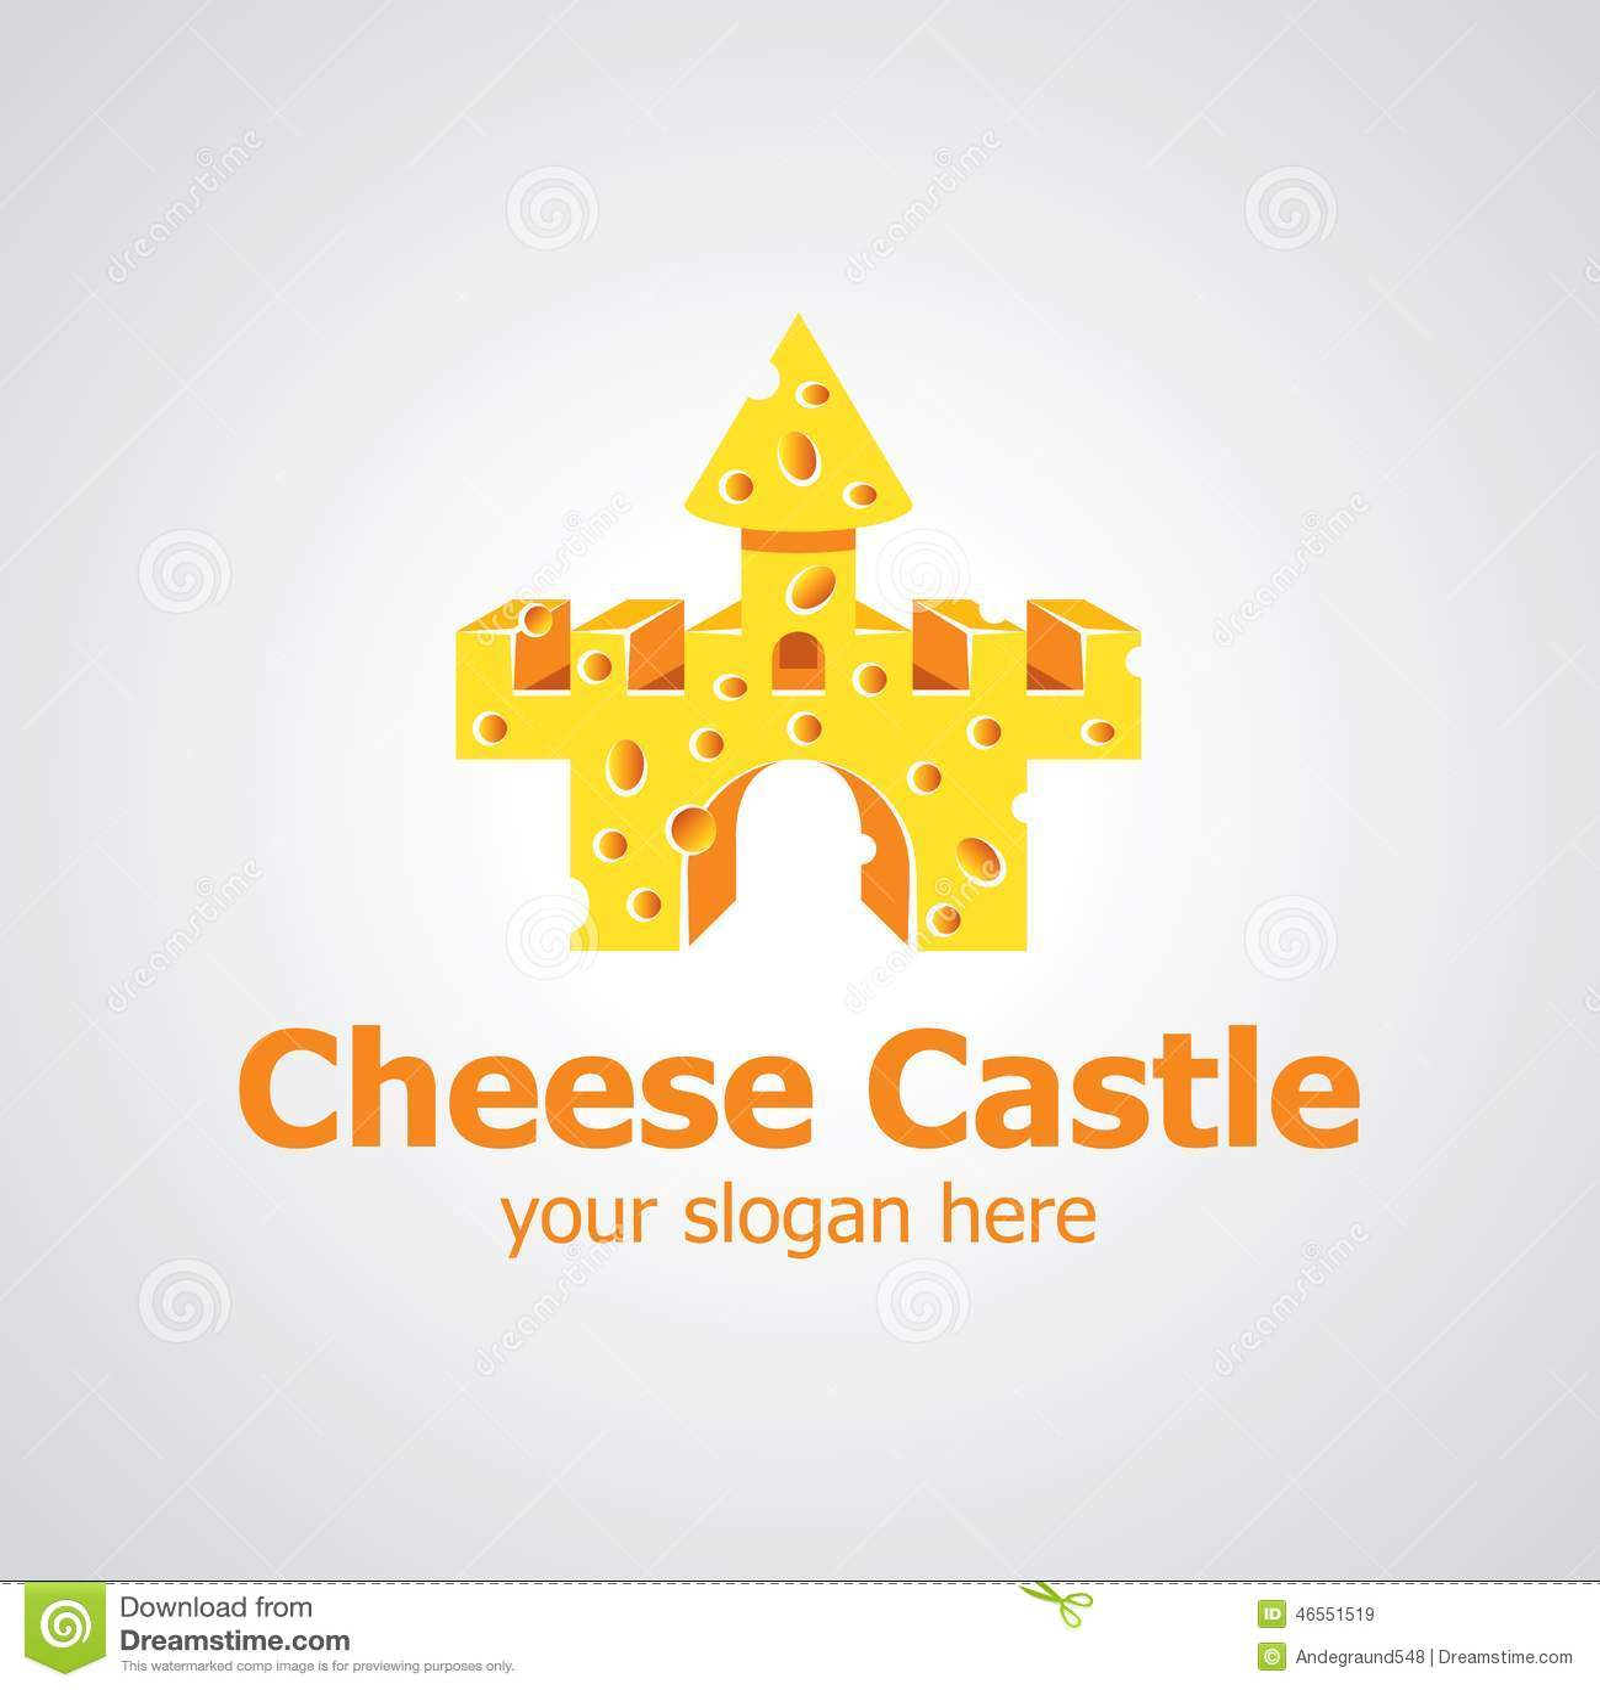 cheese castle vector logo design stock vector - image: 46551519